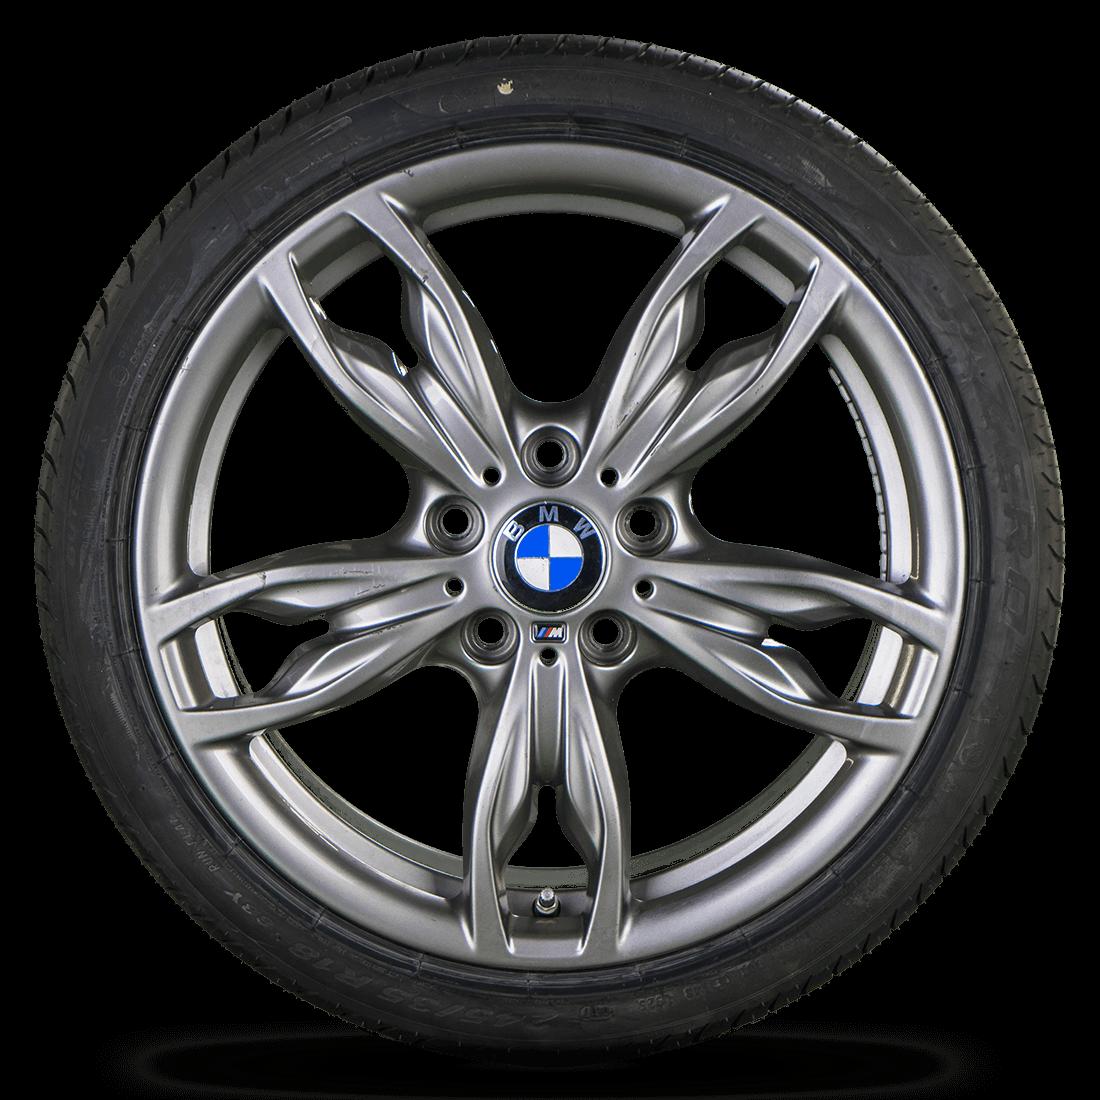 BMW 1er F20 F21 2er F22 F23 18 Zoll Alufelgen Felgen Sommerreifen Styling M436